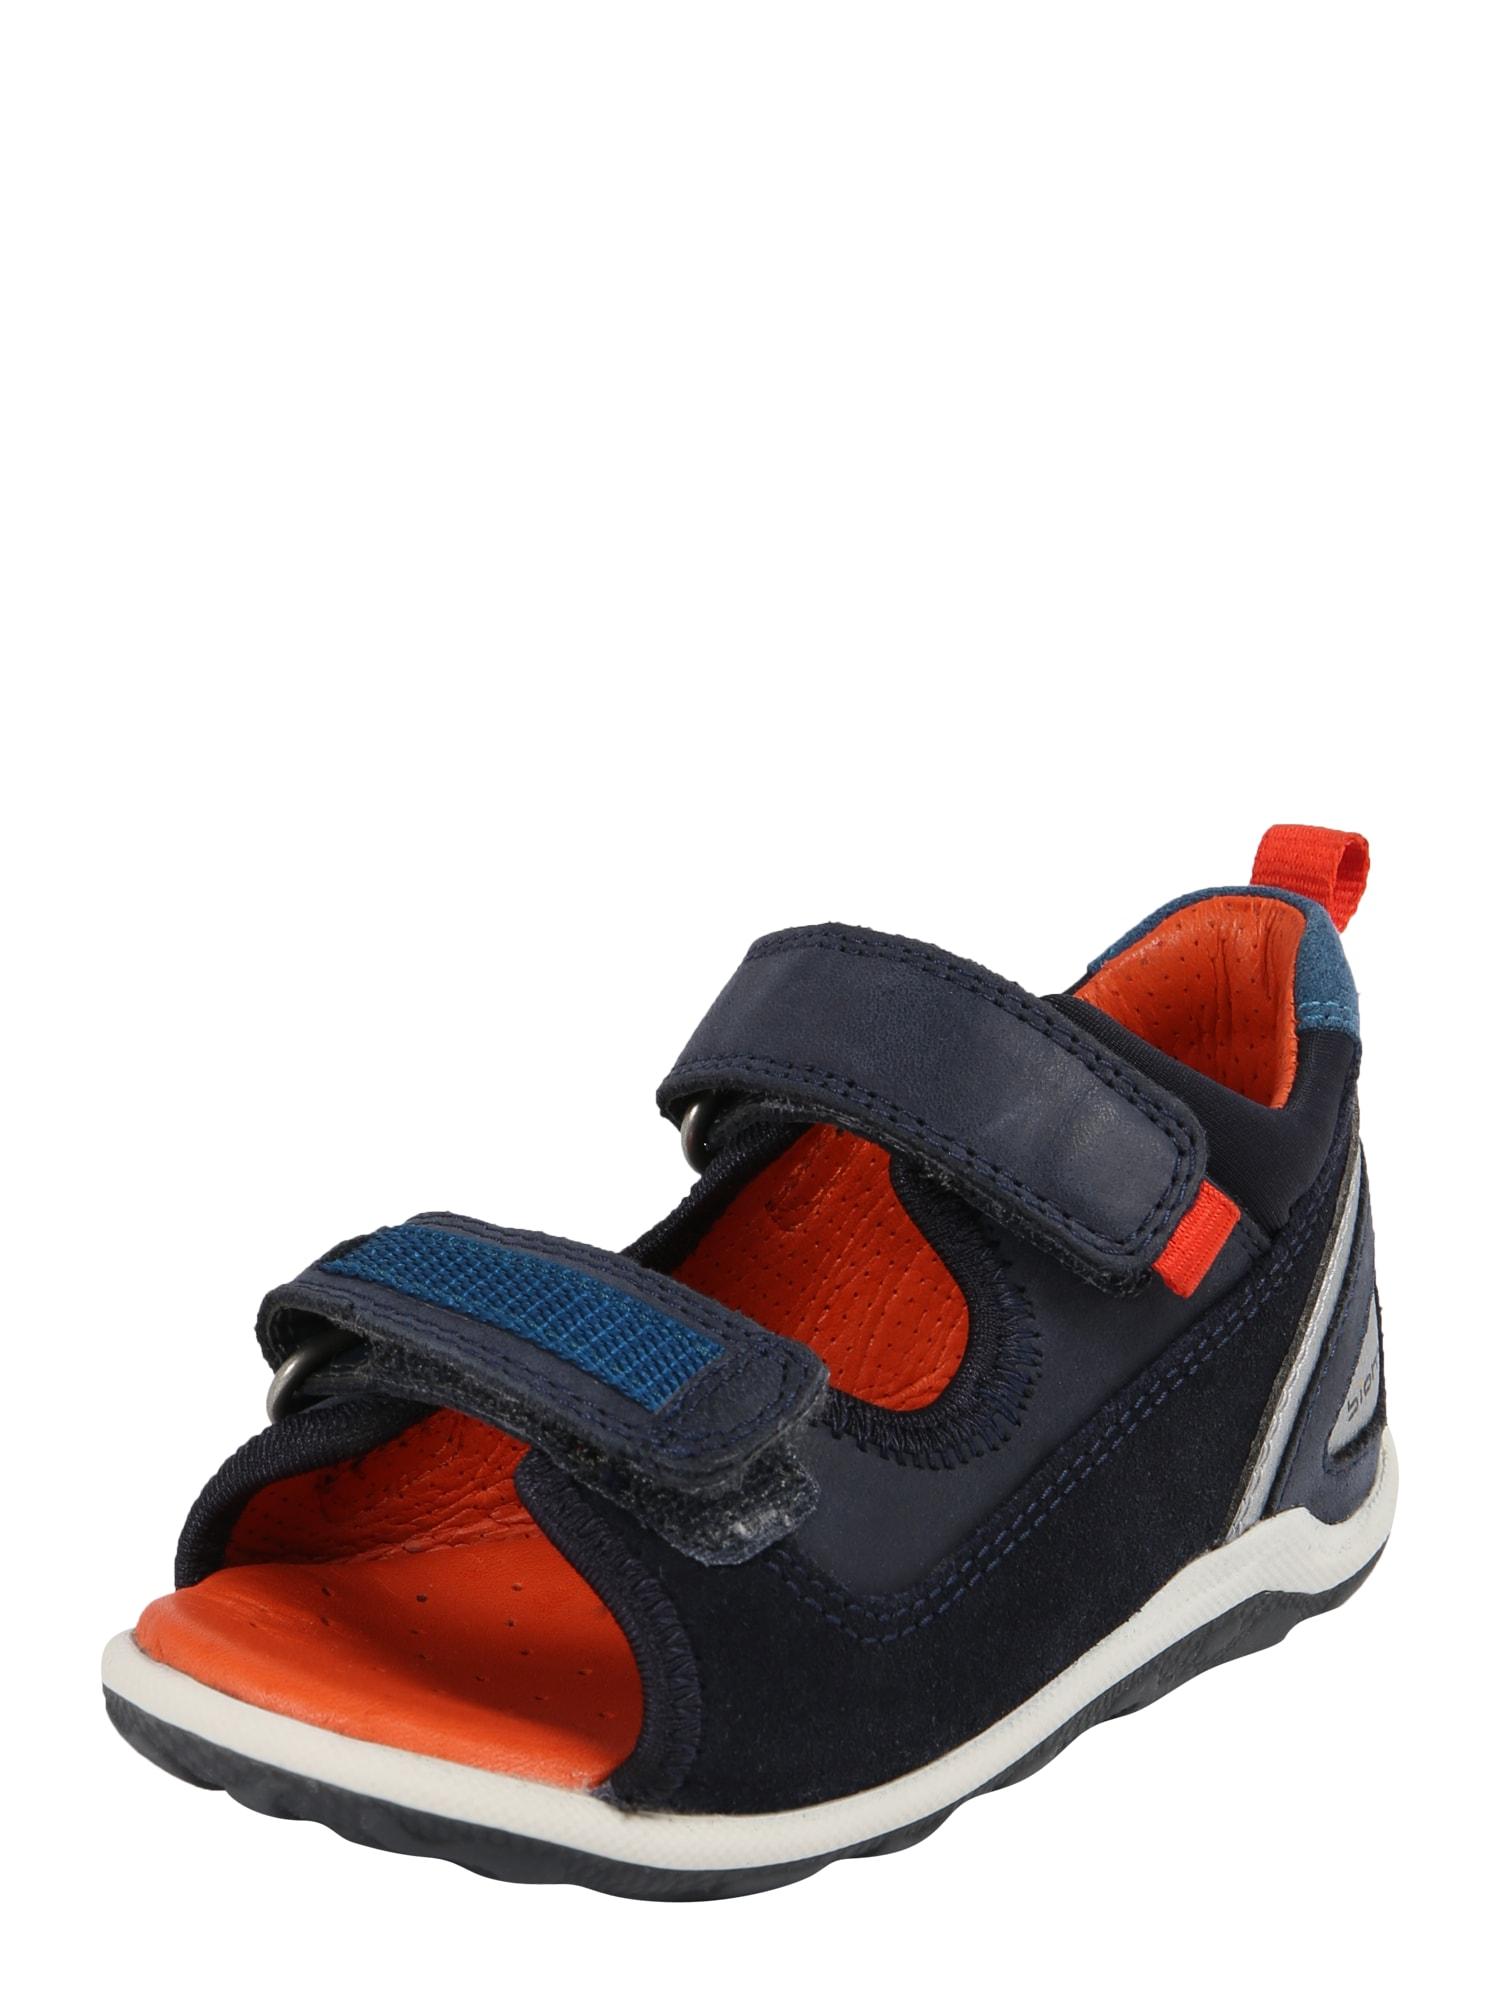 Sandály Biom Mini noční modrá bílá ECCO